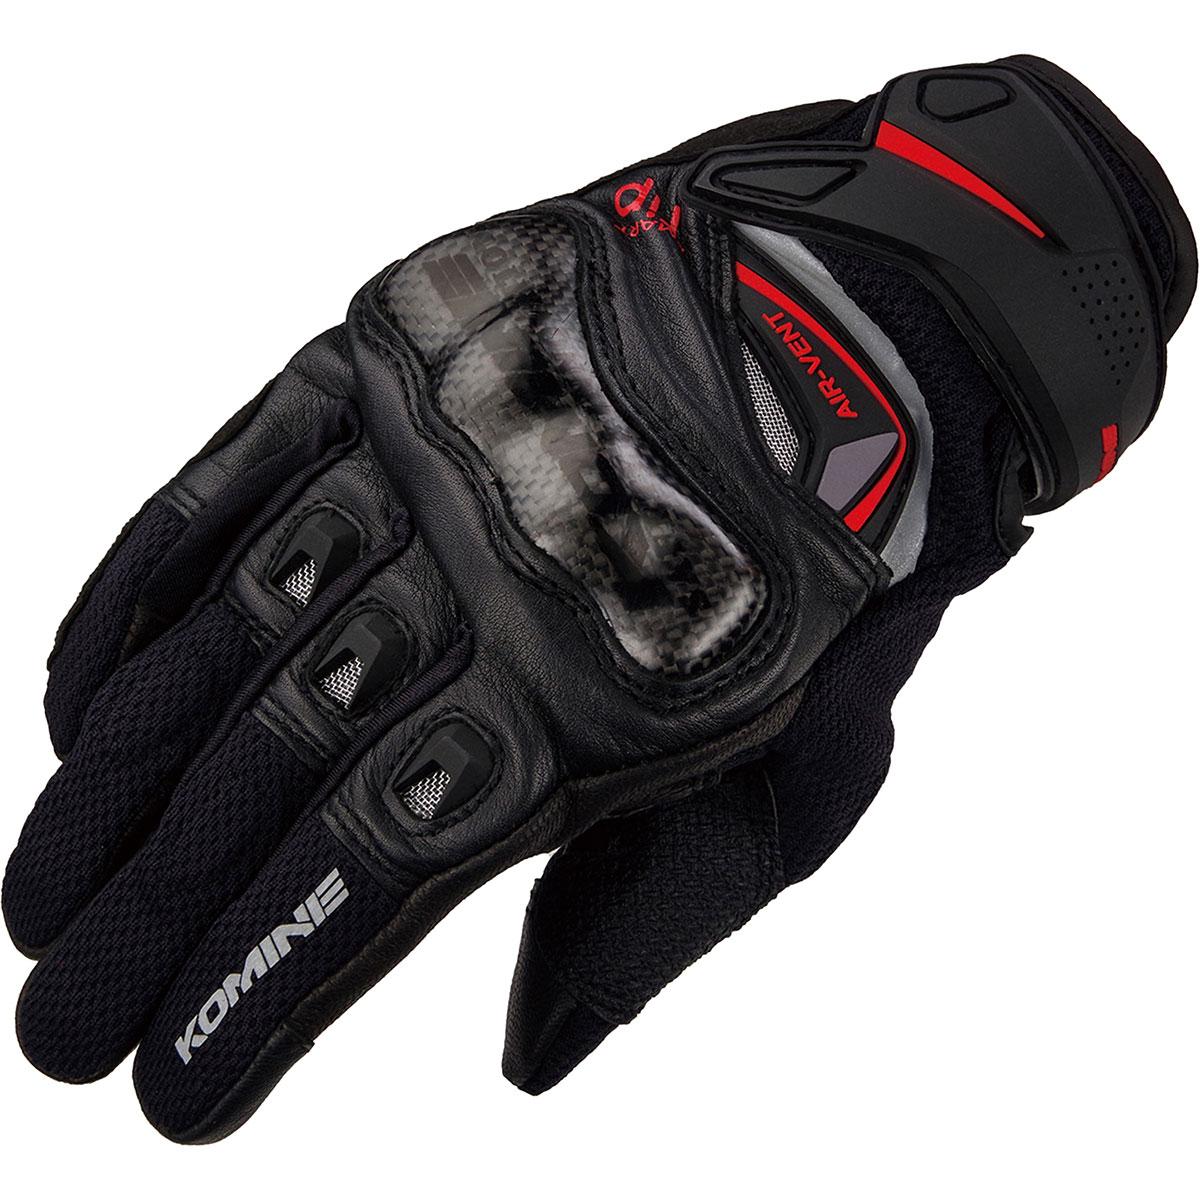 コミネ (Komine) バイク用 グローブ Gloves GK-224 カーボンプロテクトレザーメッシュグローブ ブラック 黒 2XLサイズ 06-224/BK/2XL